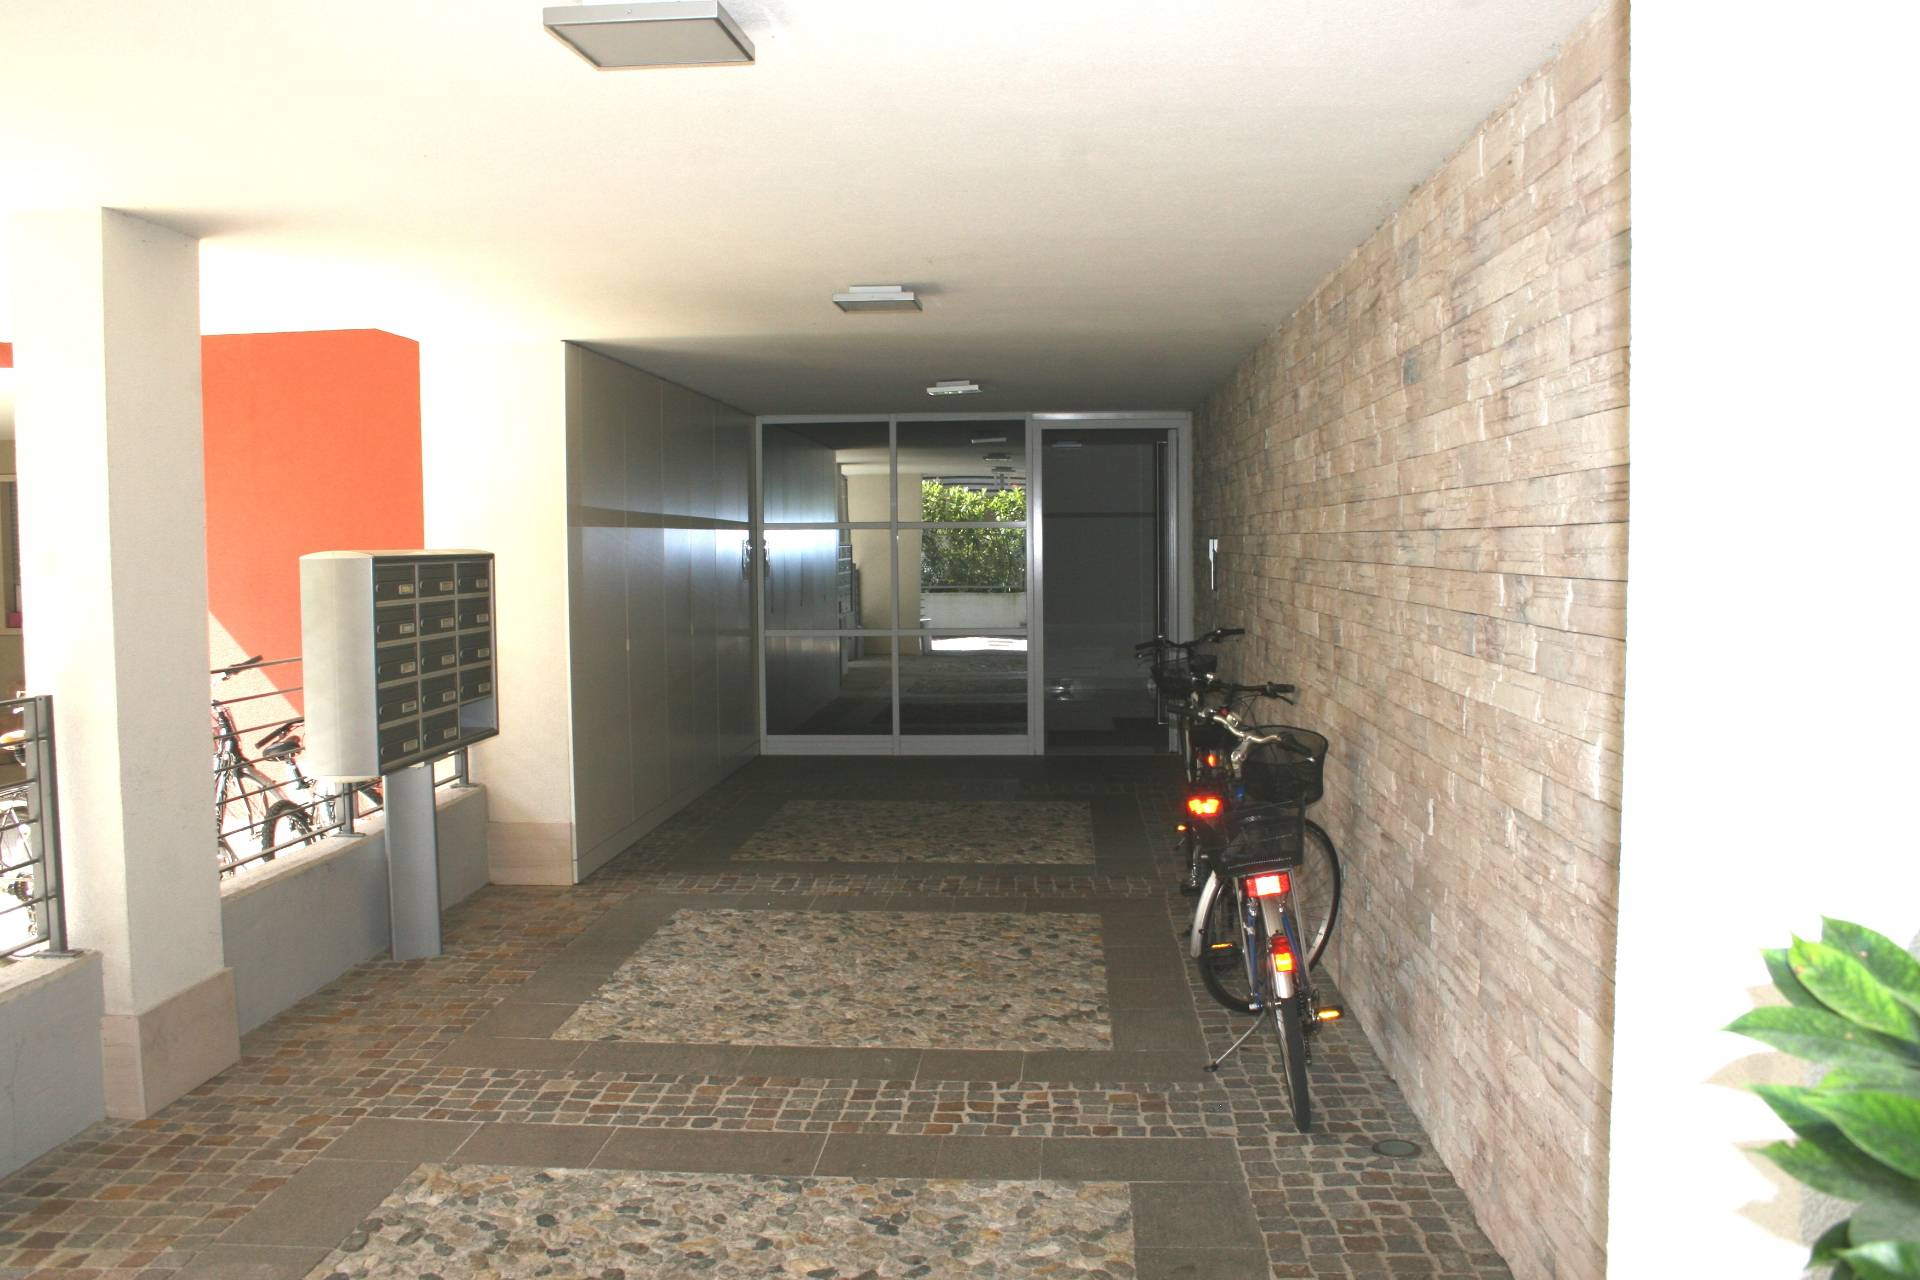 Appartamento in vendita a Riva del Garda, 3 locali, zona Zona: Riva, prezzo € 275.000 | Cambio Casa.it